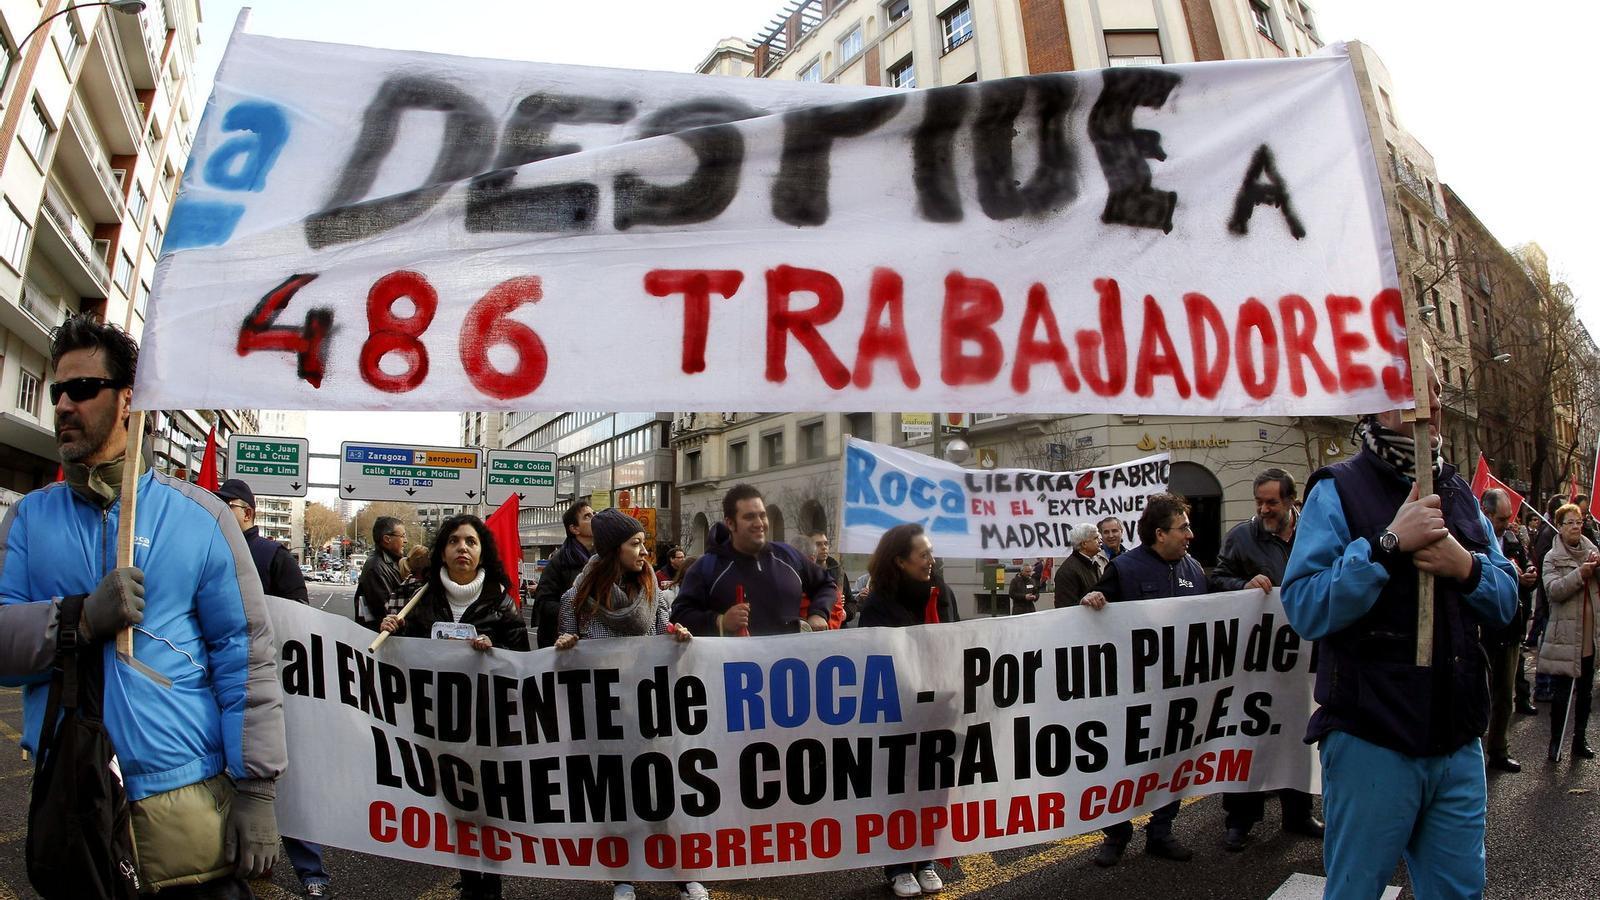 Protestes a madrid contra el tancament de la f brica de roca for Fabrica de sanitarios roca